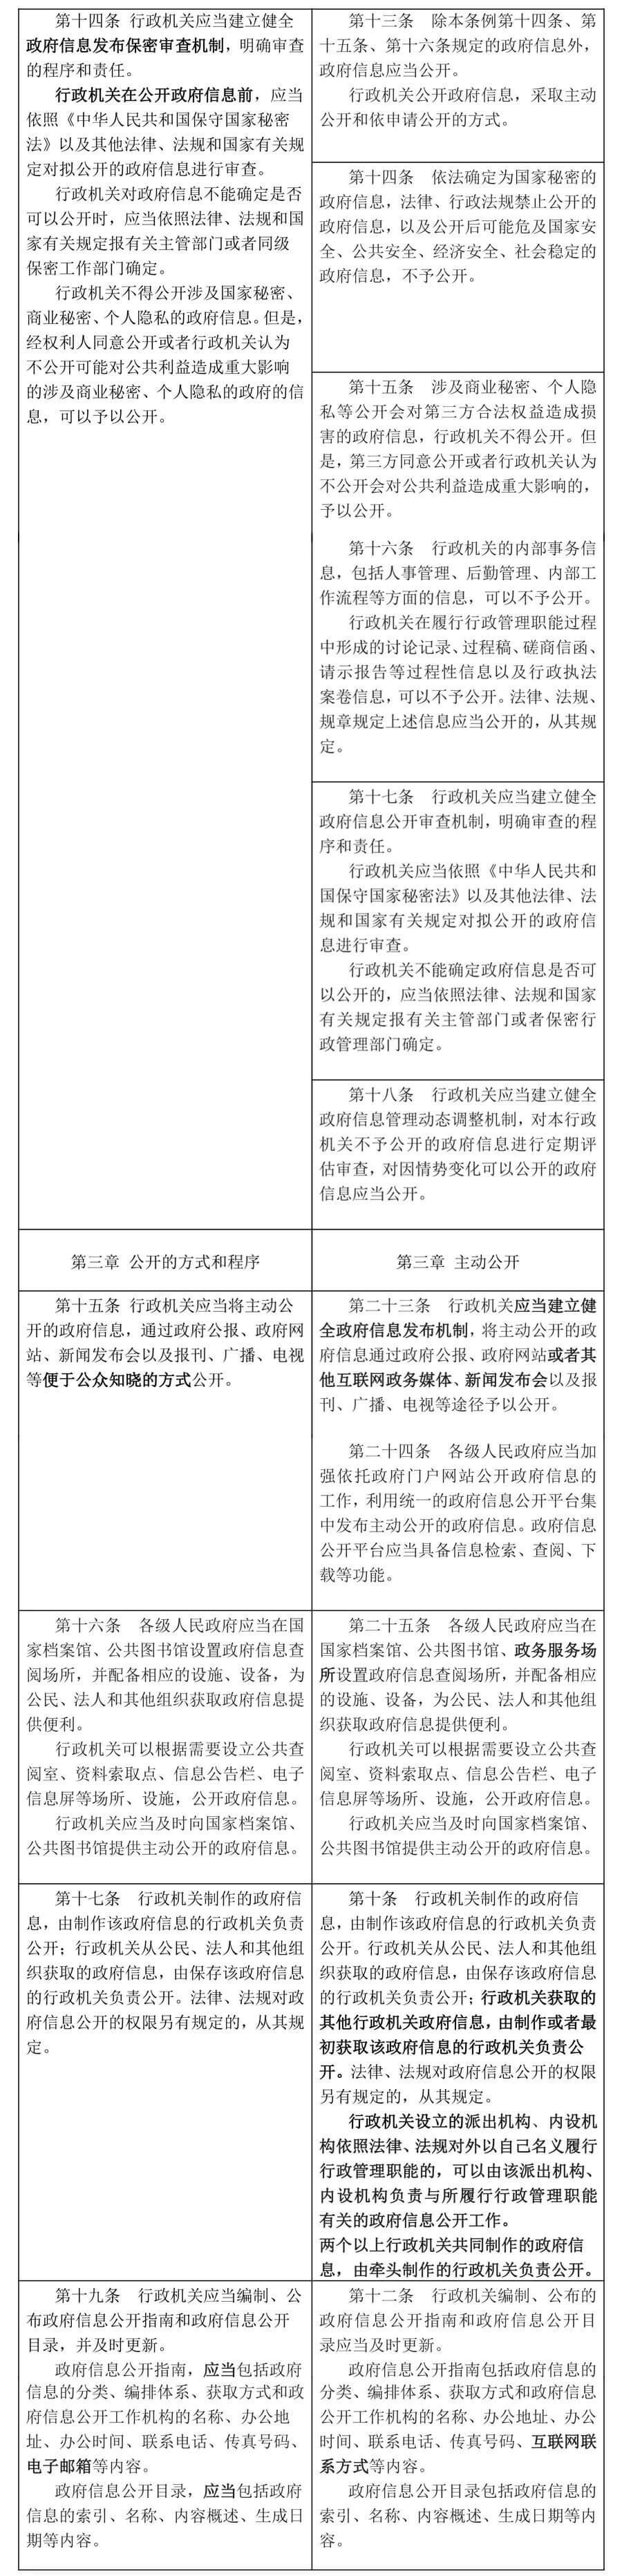 新《中华人民共和国政府信息公开条例》将于2019年5月15日起施行(附新旧条文比照)